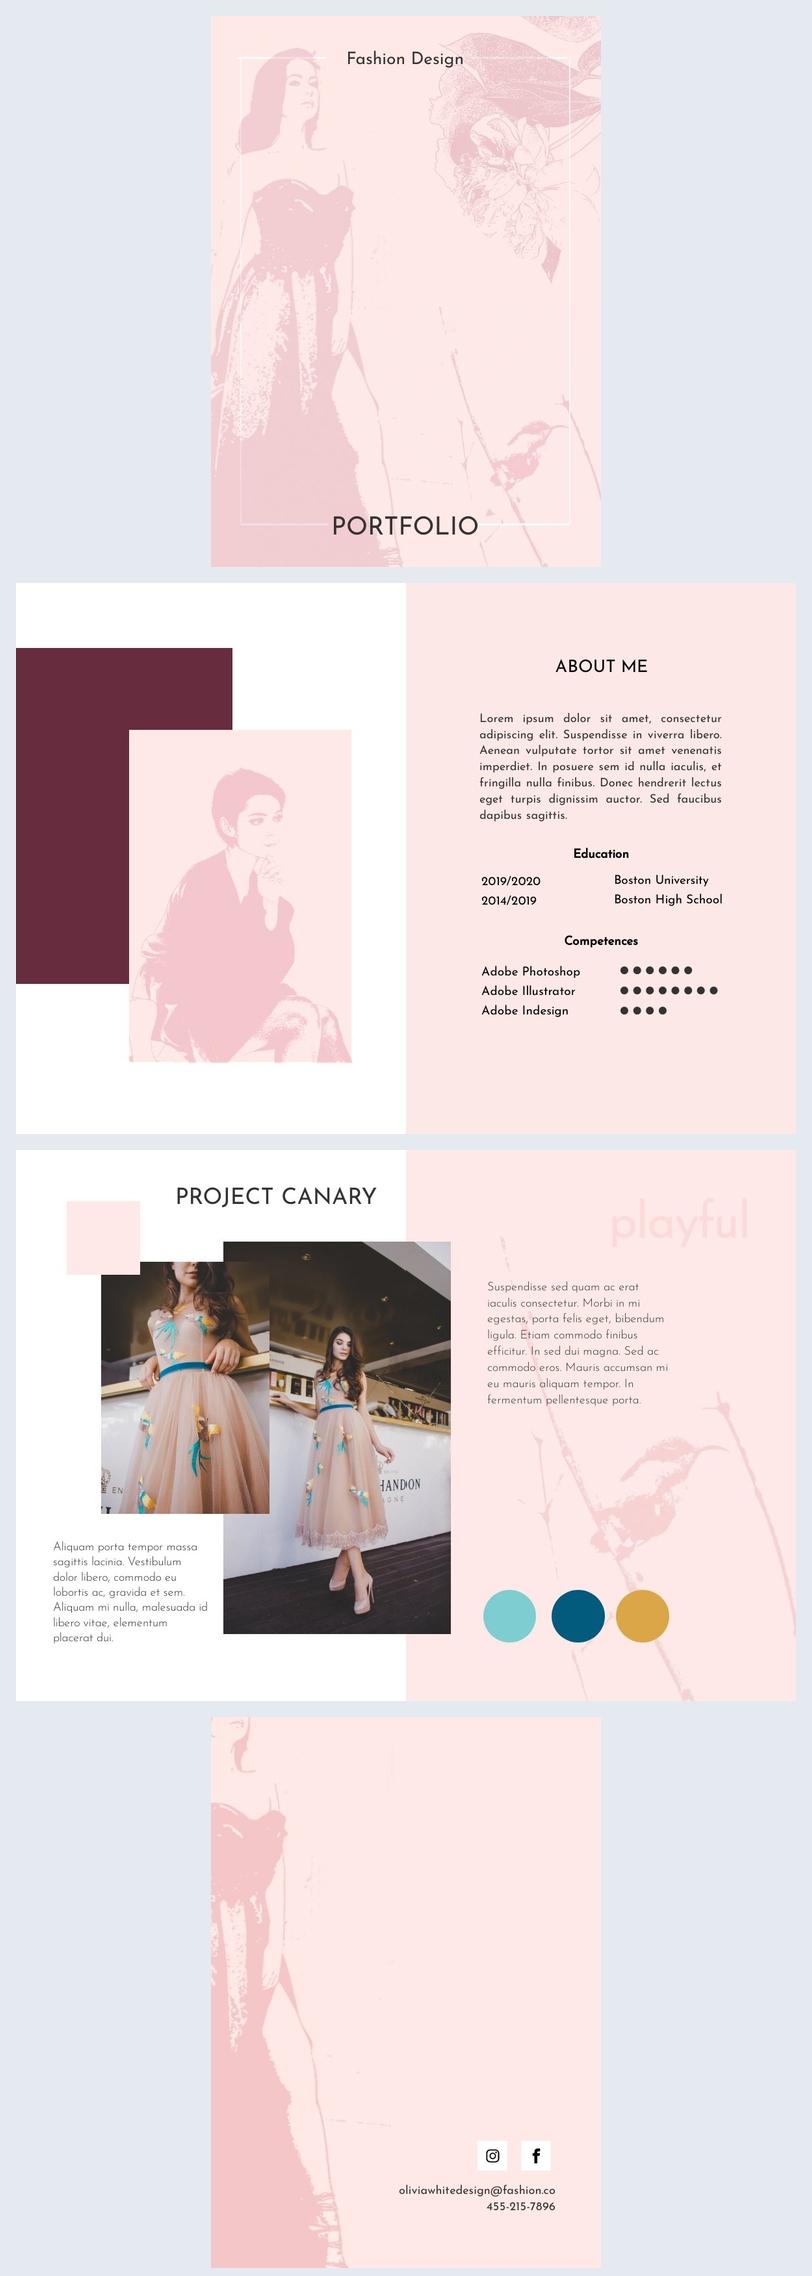 Portfolio voor modeontwerp lay-outs van studenten